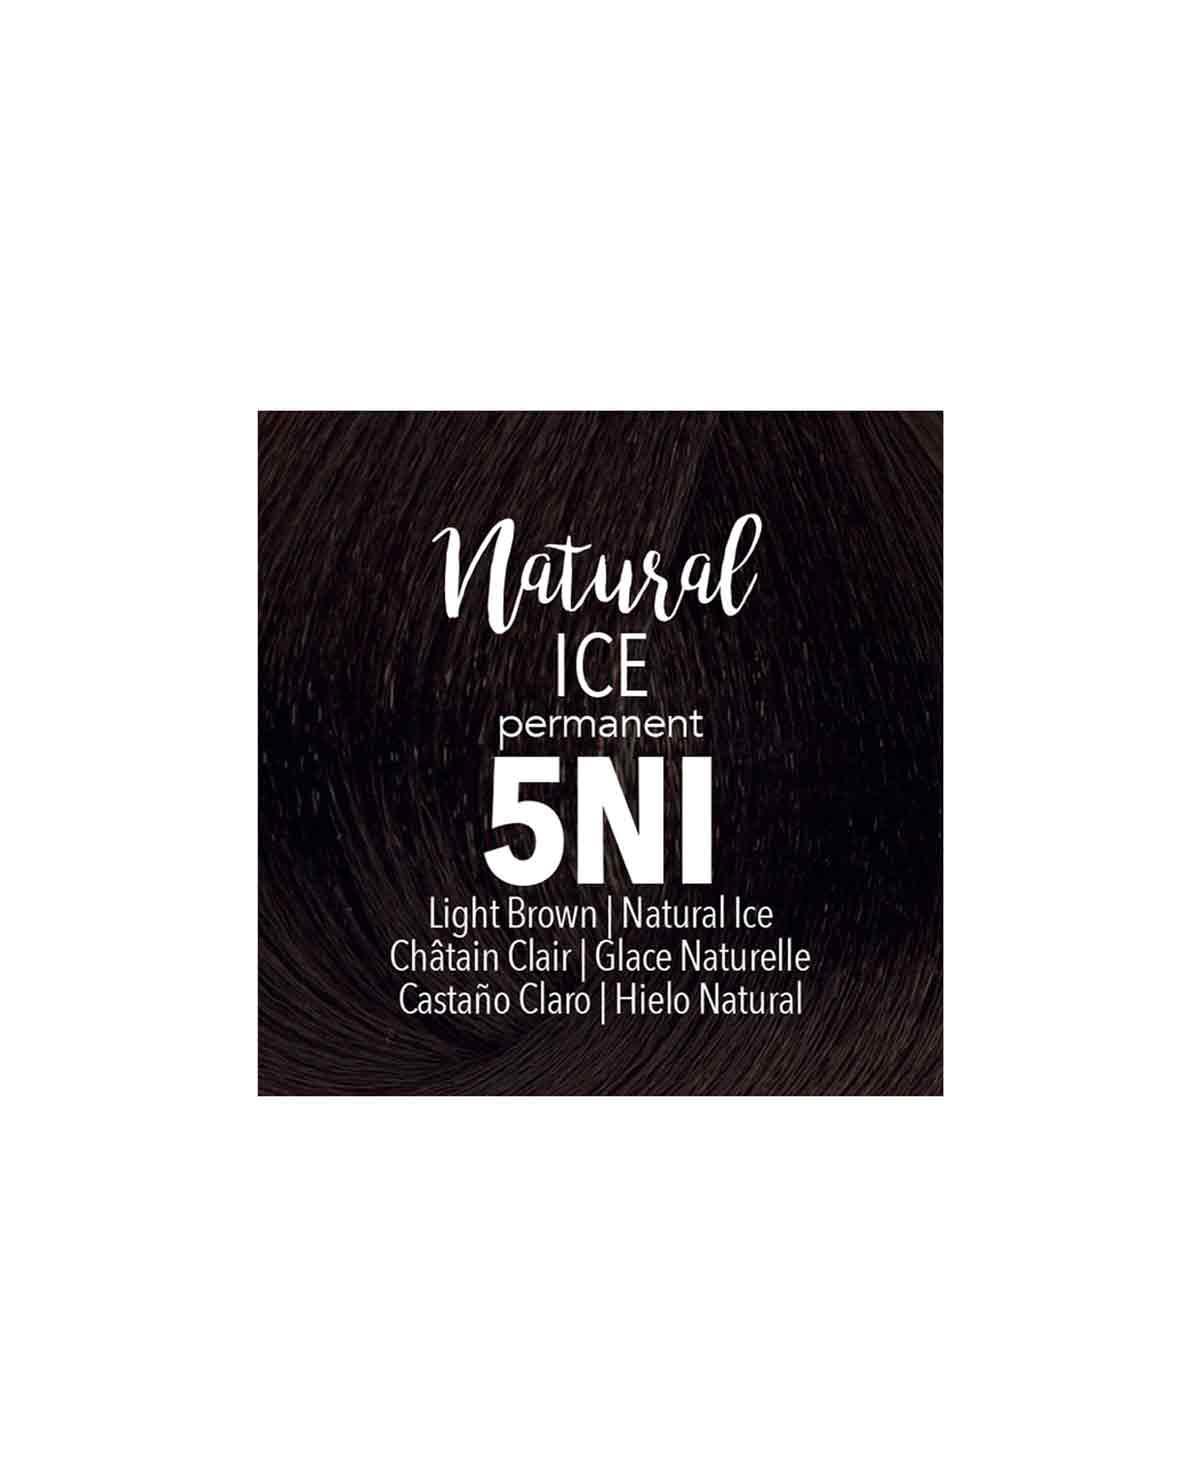 Mydentity - 5NI Light Brown Natural Ice